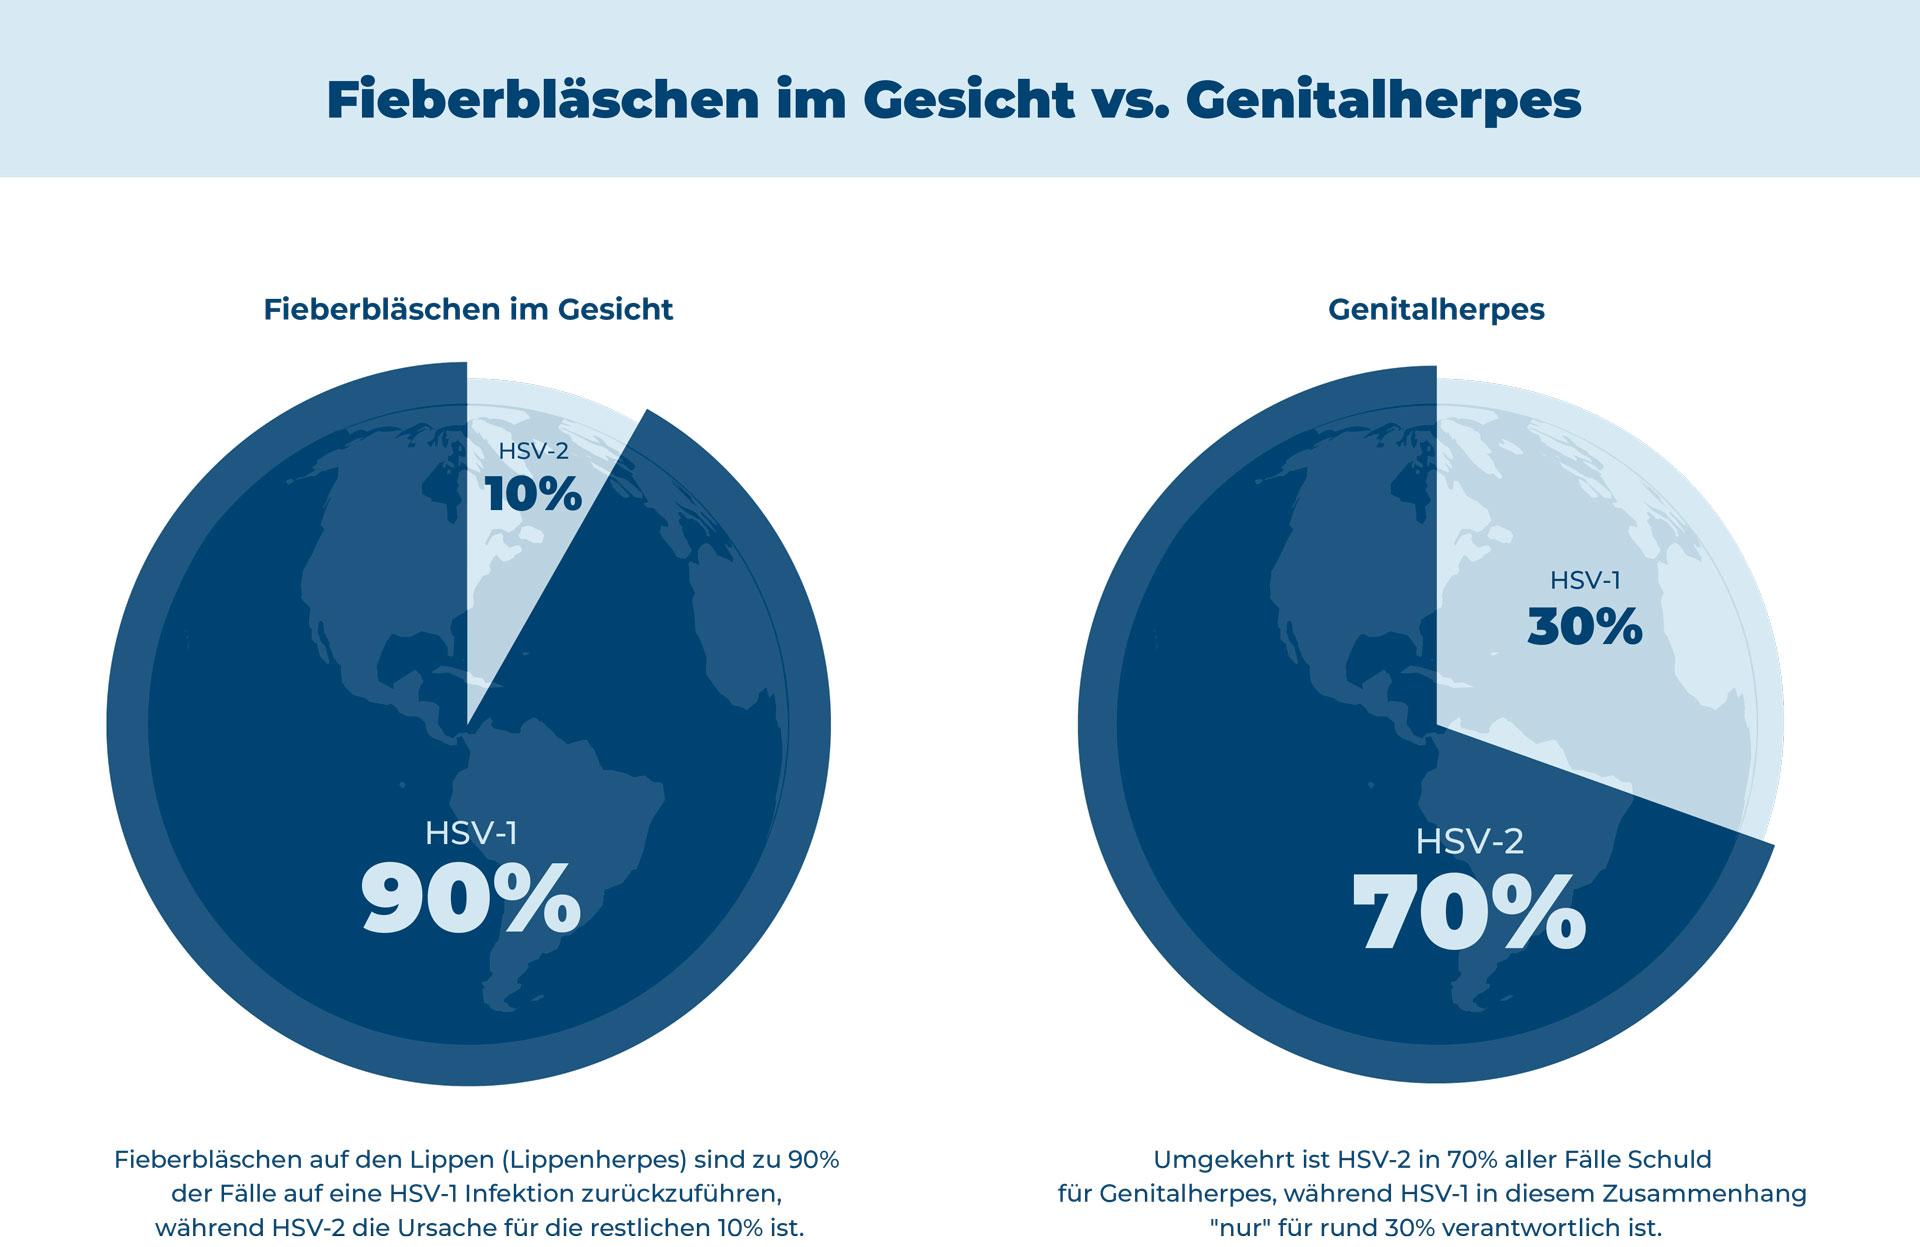 Infografik - Vergleich von HSV-1 und HSV-2 zur Ursache von Fieberbläschen und Genitalherpes